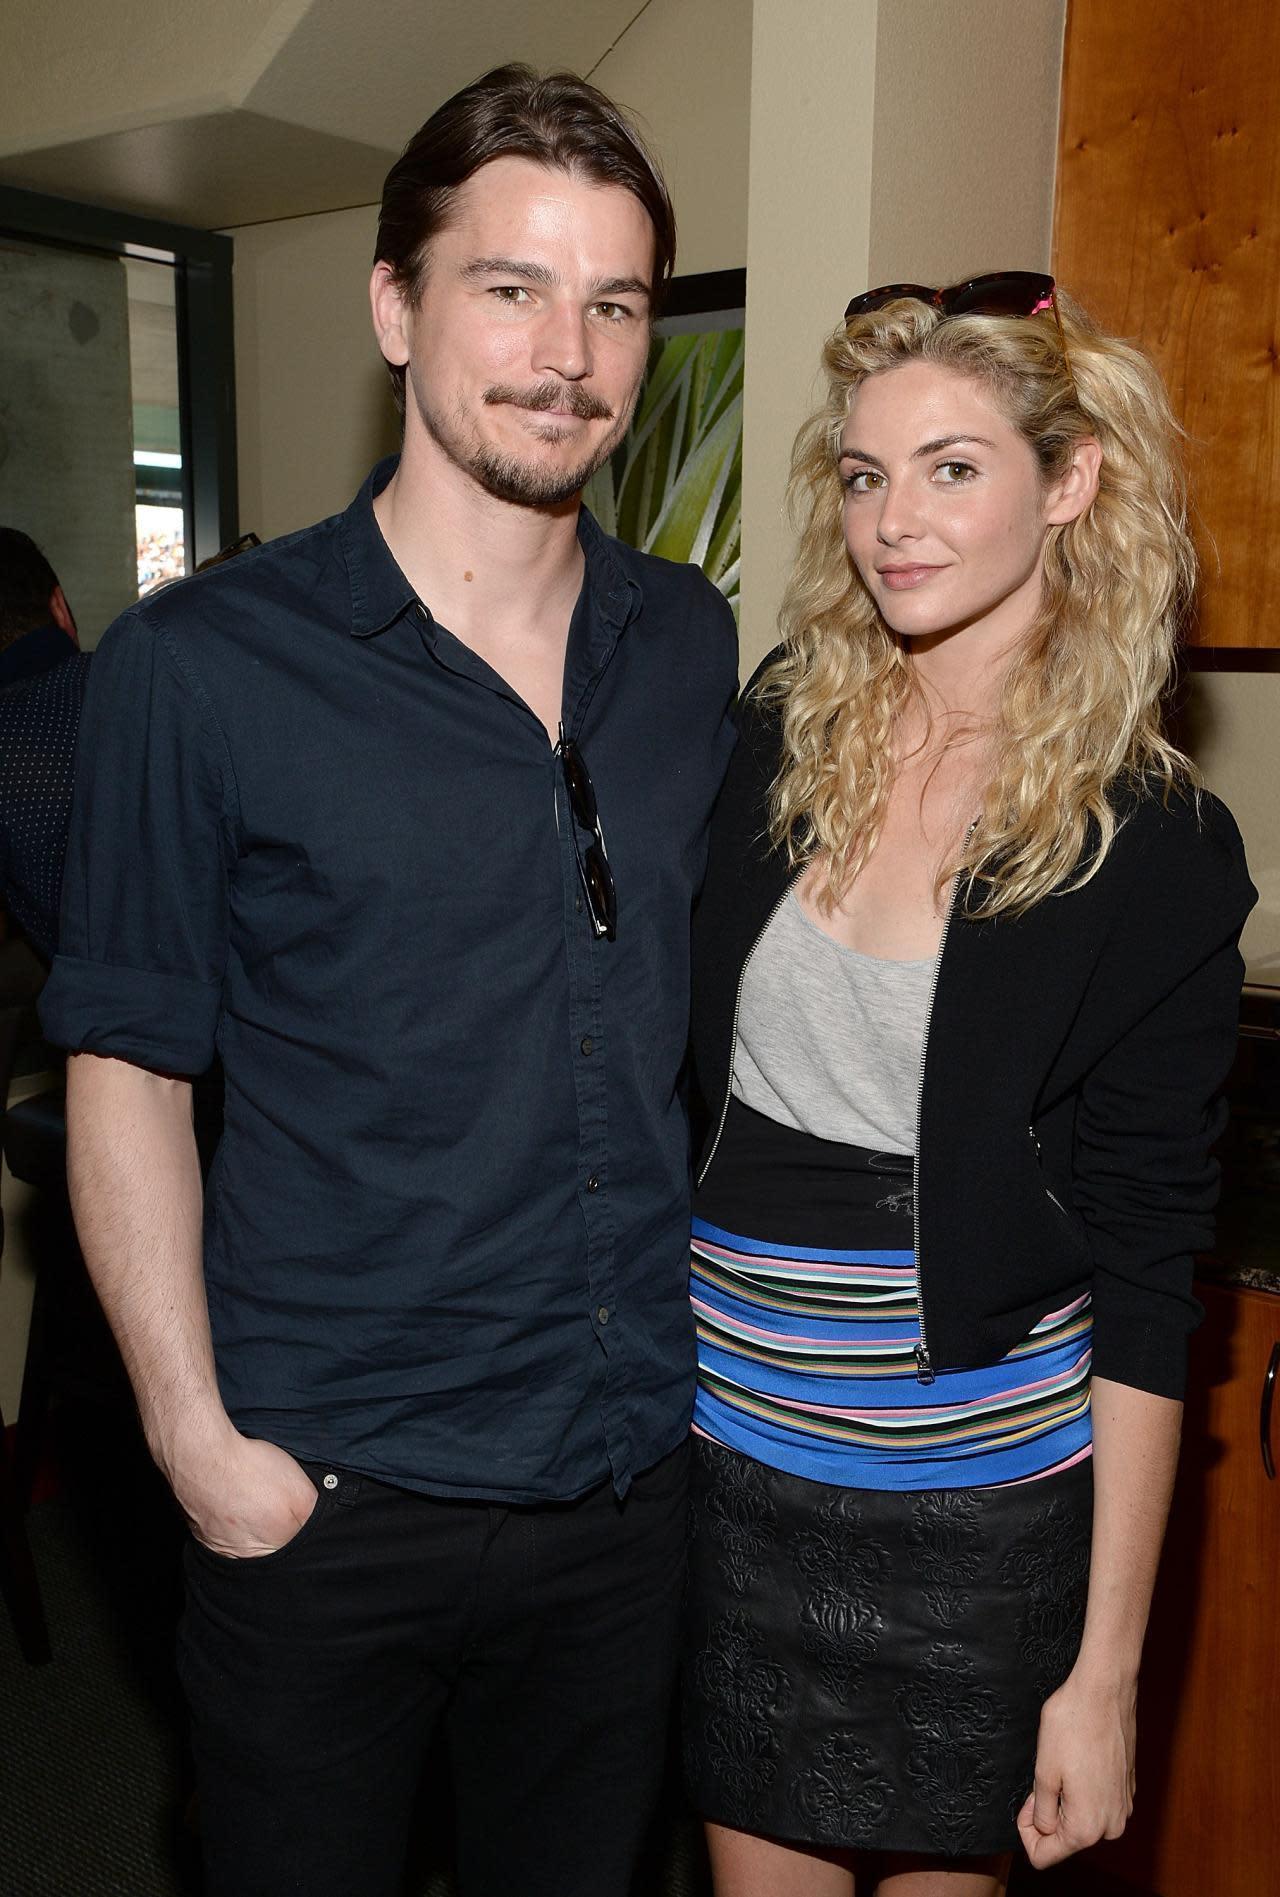 Josh Hartnett and His Girlfriend Tamsin Egerton Welcome ... |Josh Hartnett Tamsin Egerton